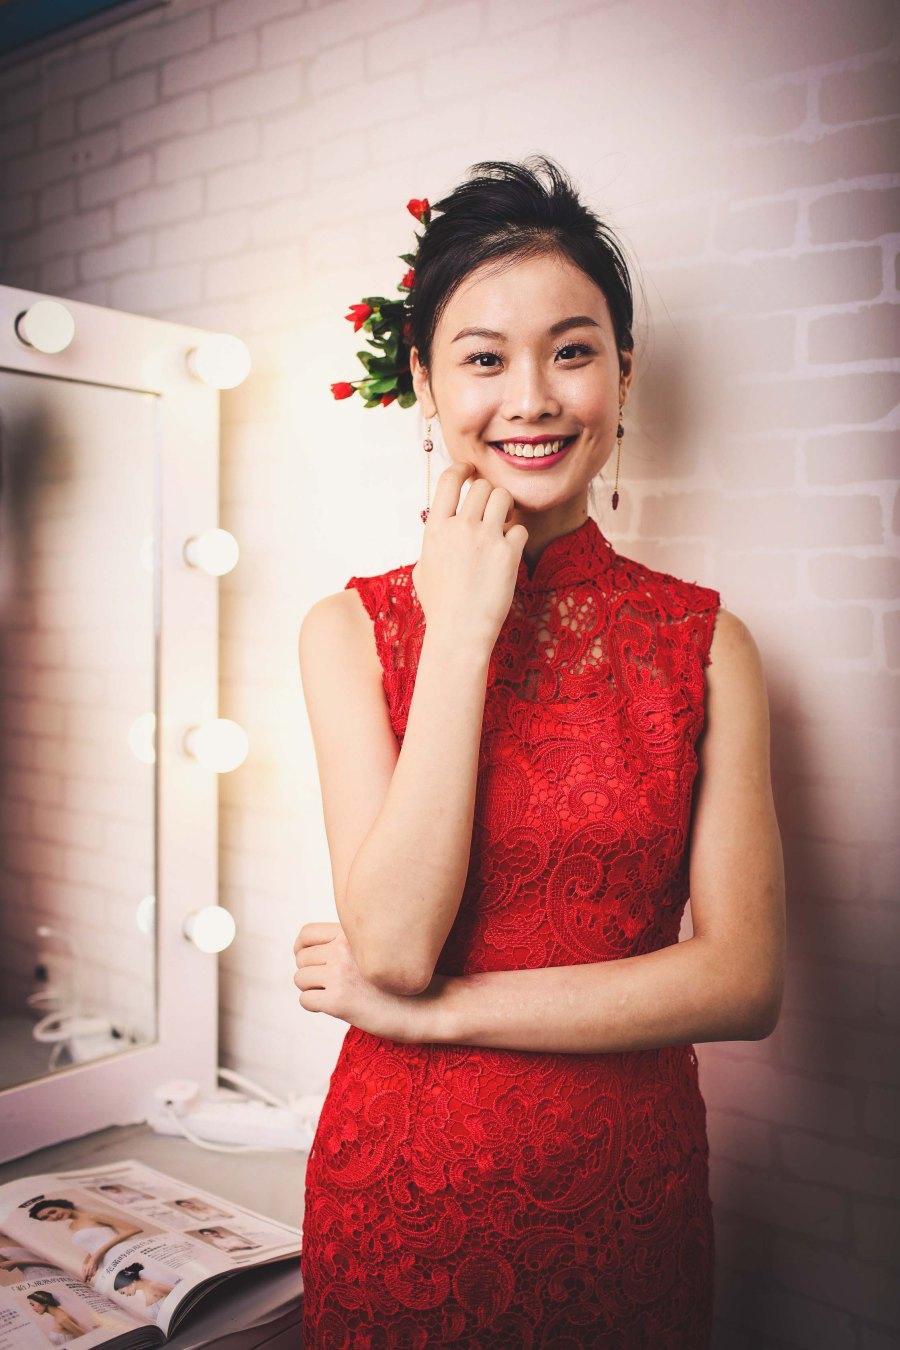 新娘化妝髮型攝影_bridal_wedding_makeup_hairstyling_Top_MUA_paulstylist_photography_hk_Leung-31